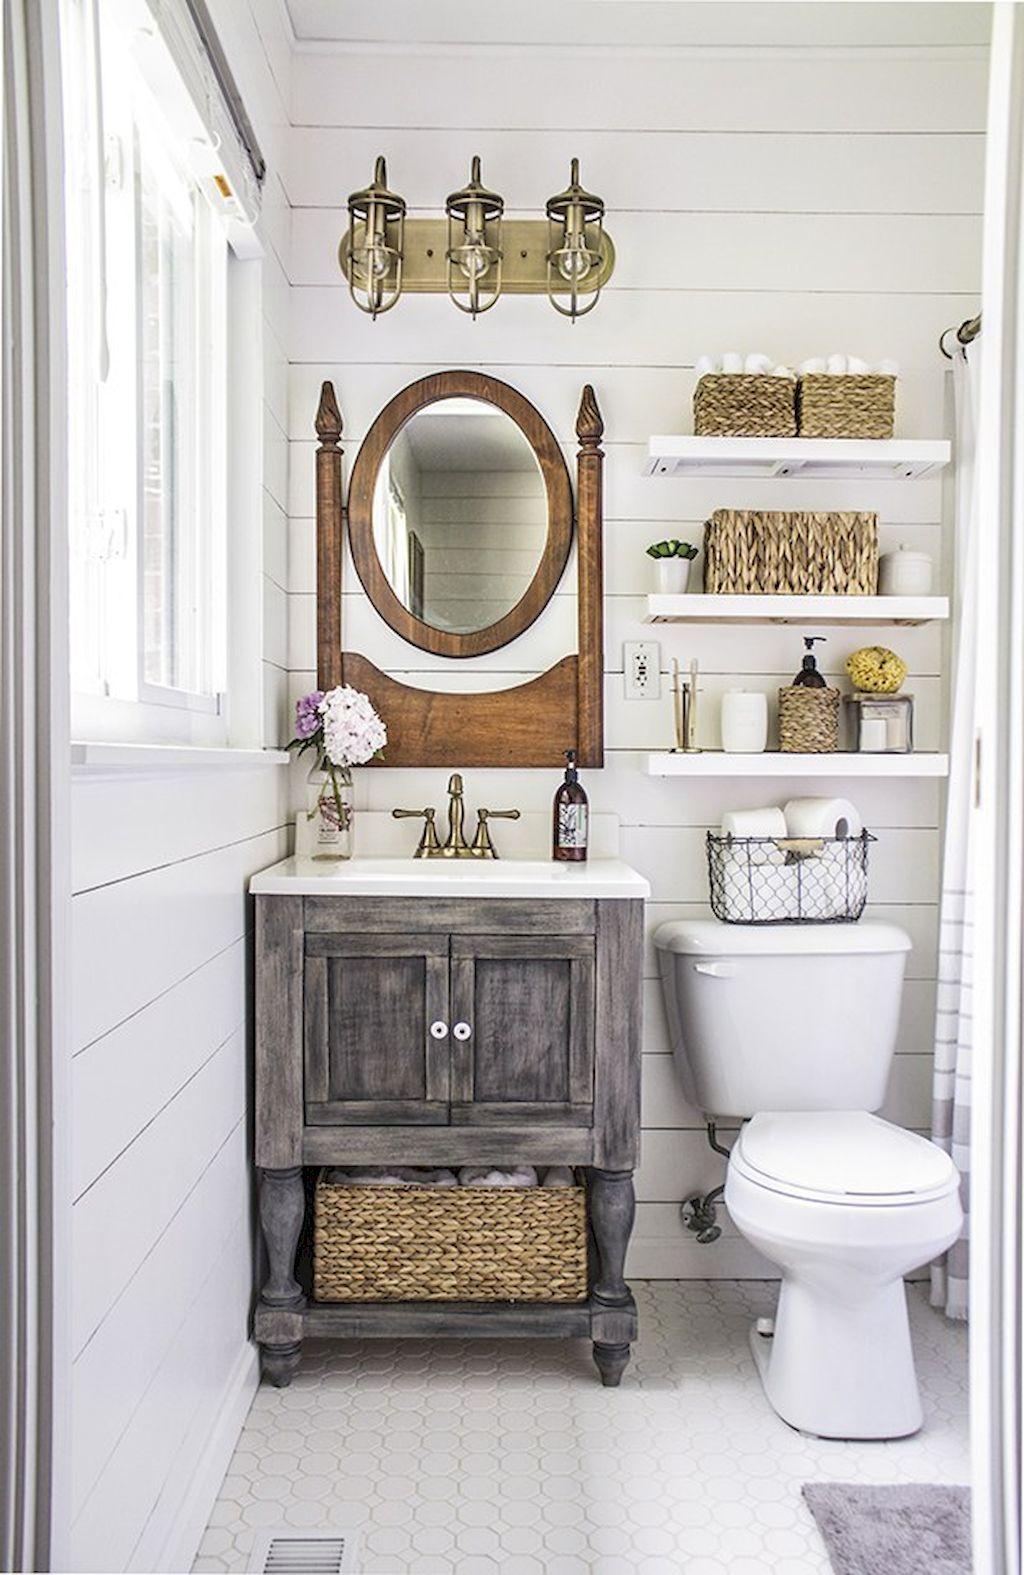 bath decorating ideas. 110 Spectacular Farmhouse Bathroom Decor Ideas  designs